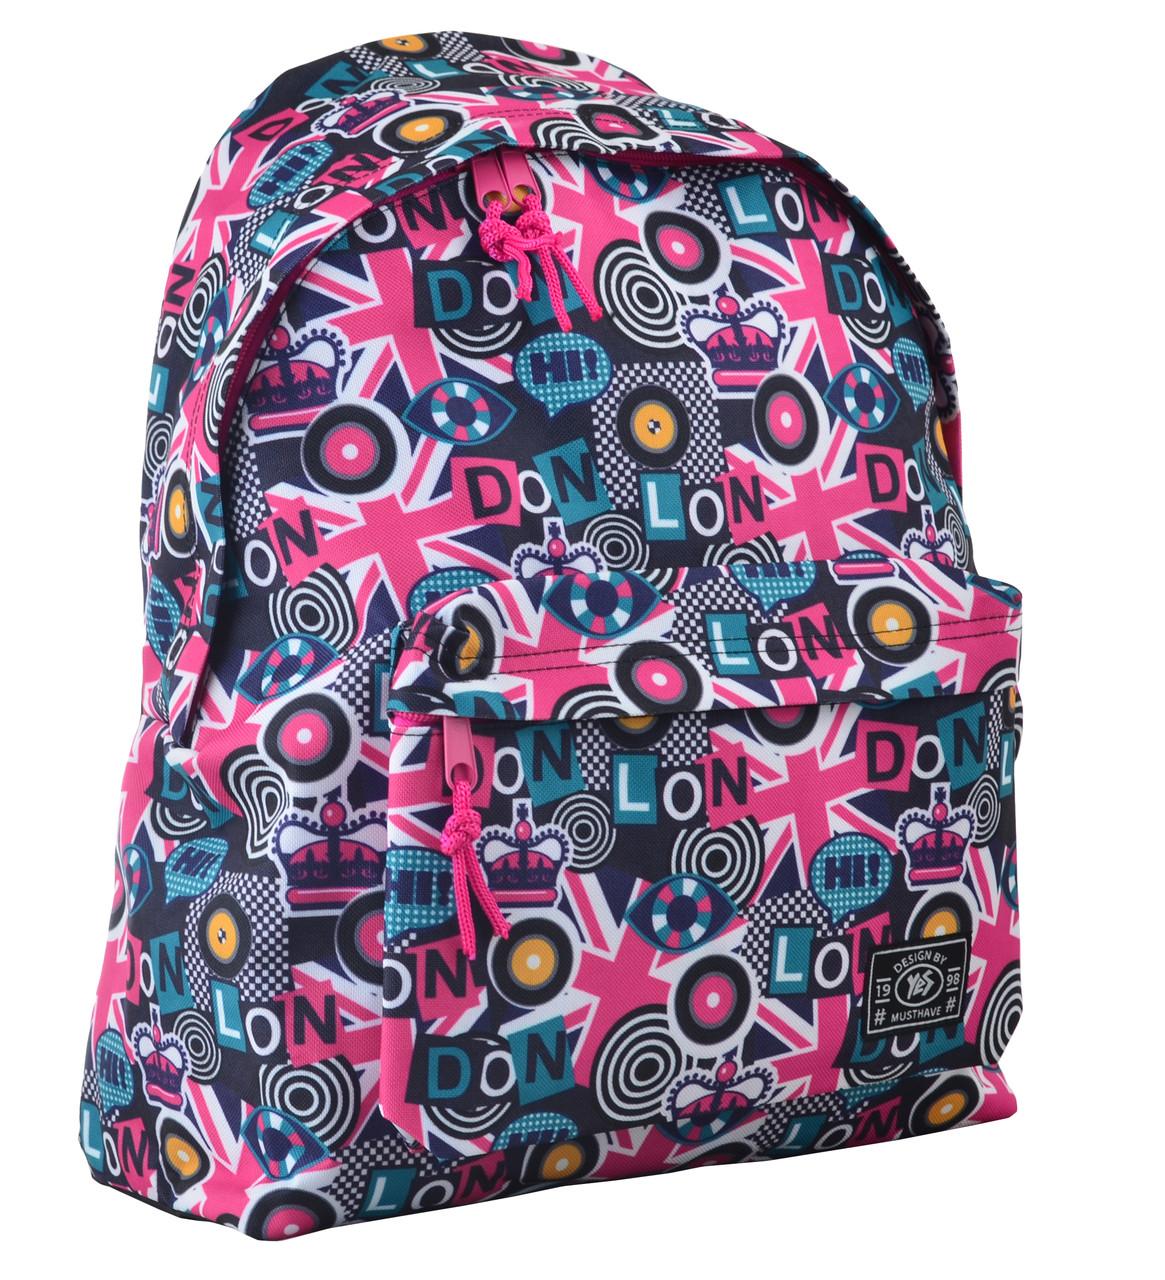 Рюкзак городской прогулочный YES ST-17 Crazy London 42*32*12 код: 554990